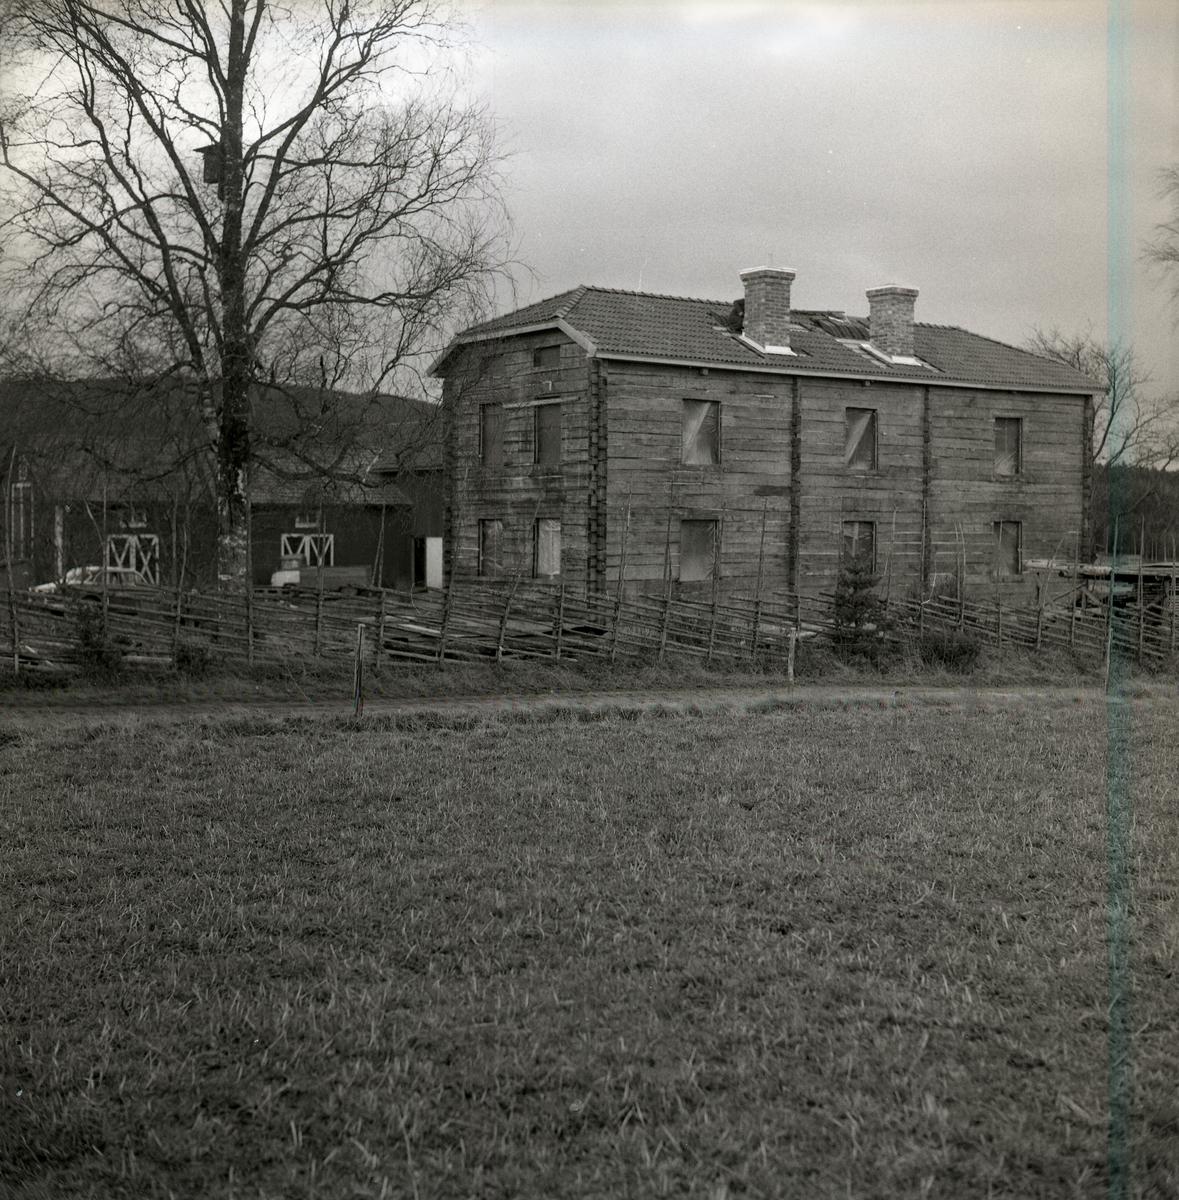 En gård med ett bostadshus och träd innanför gärdesgården.